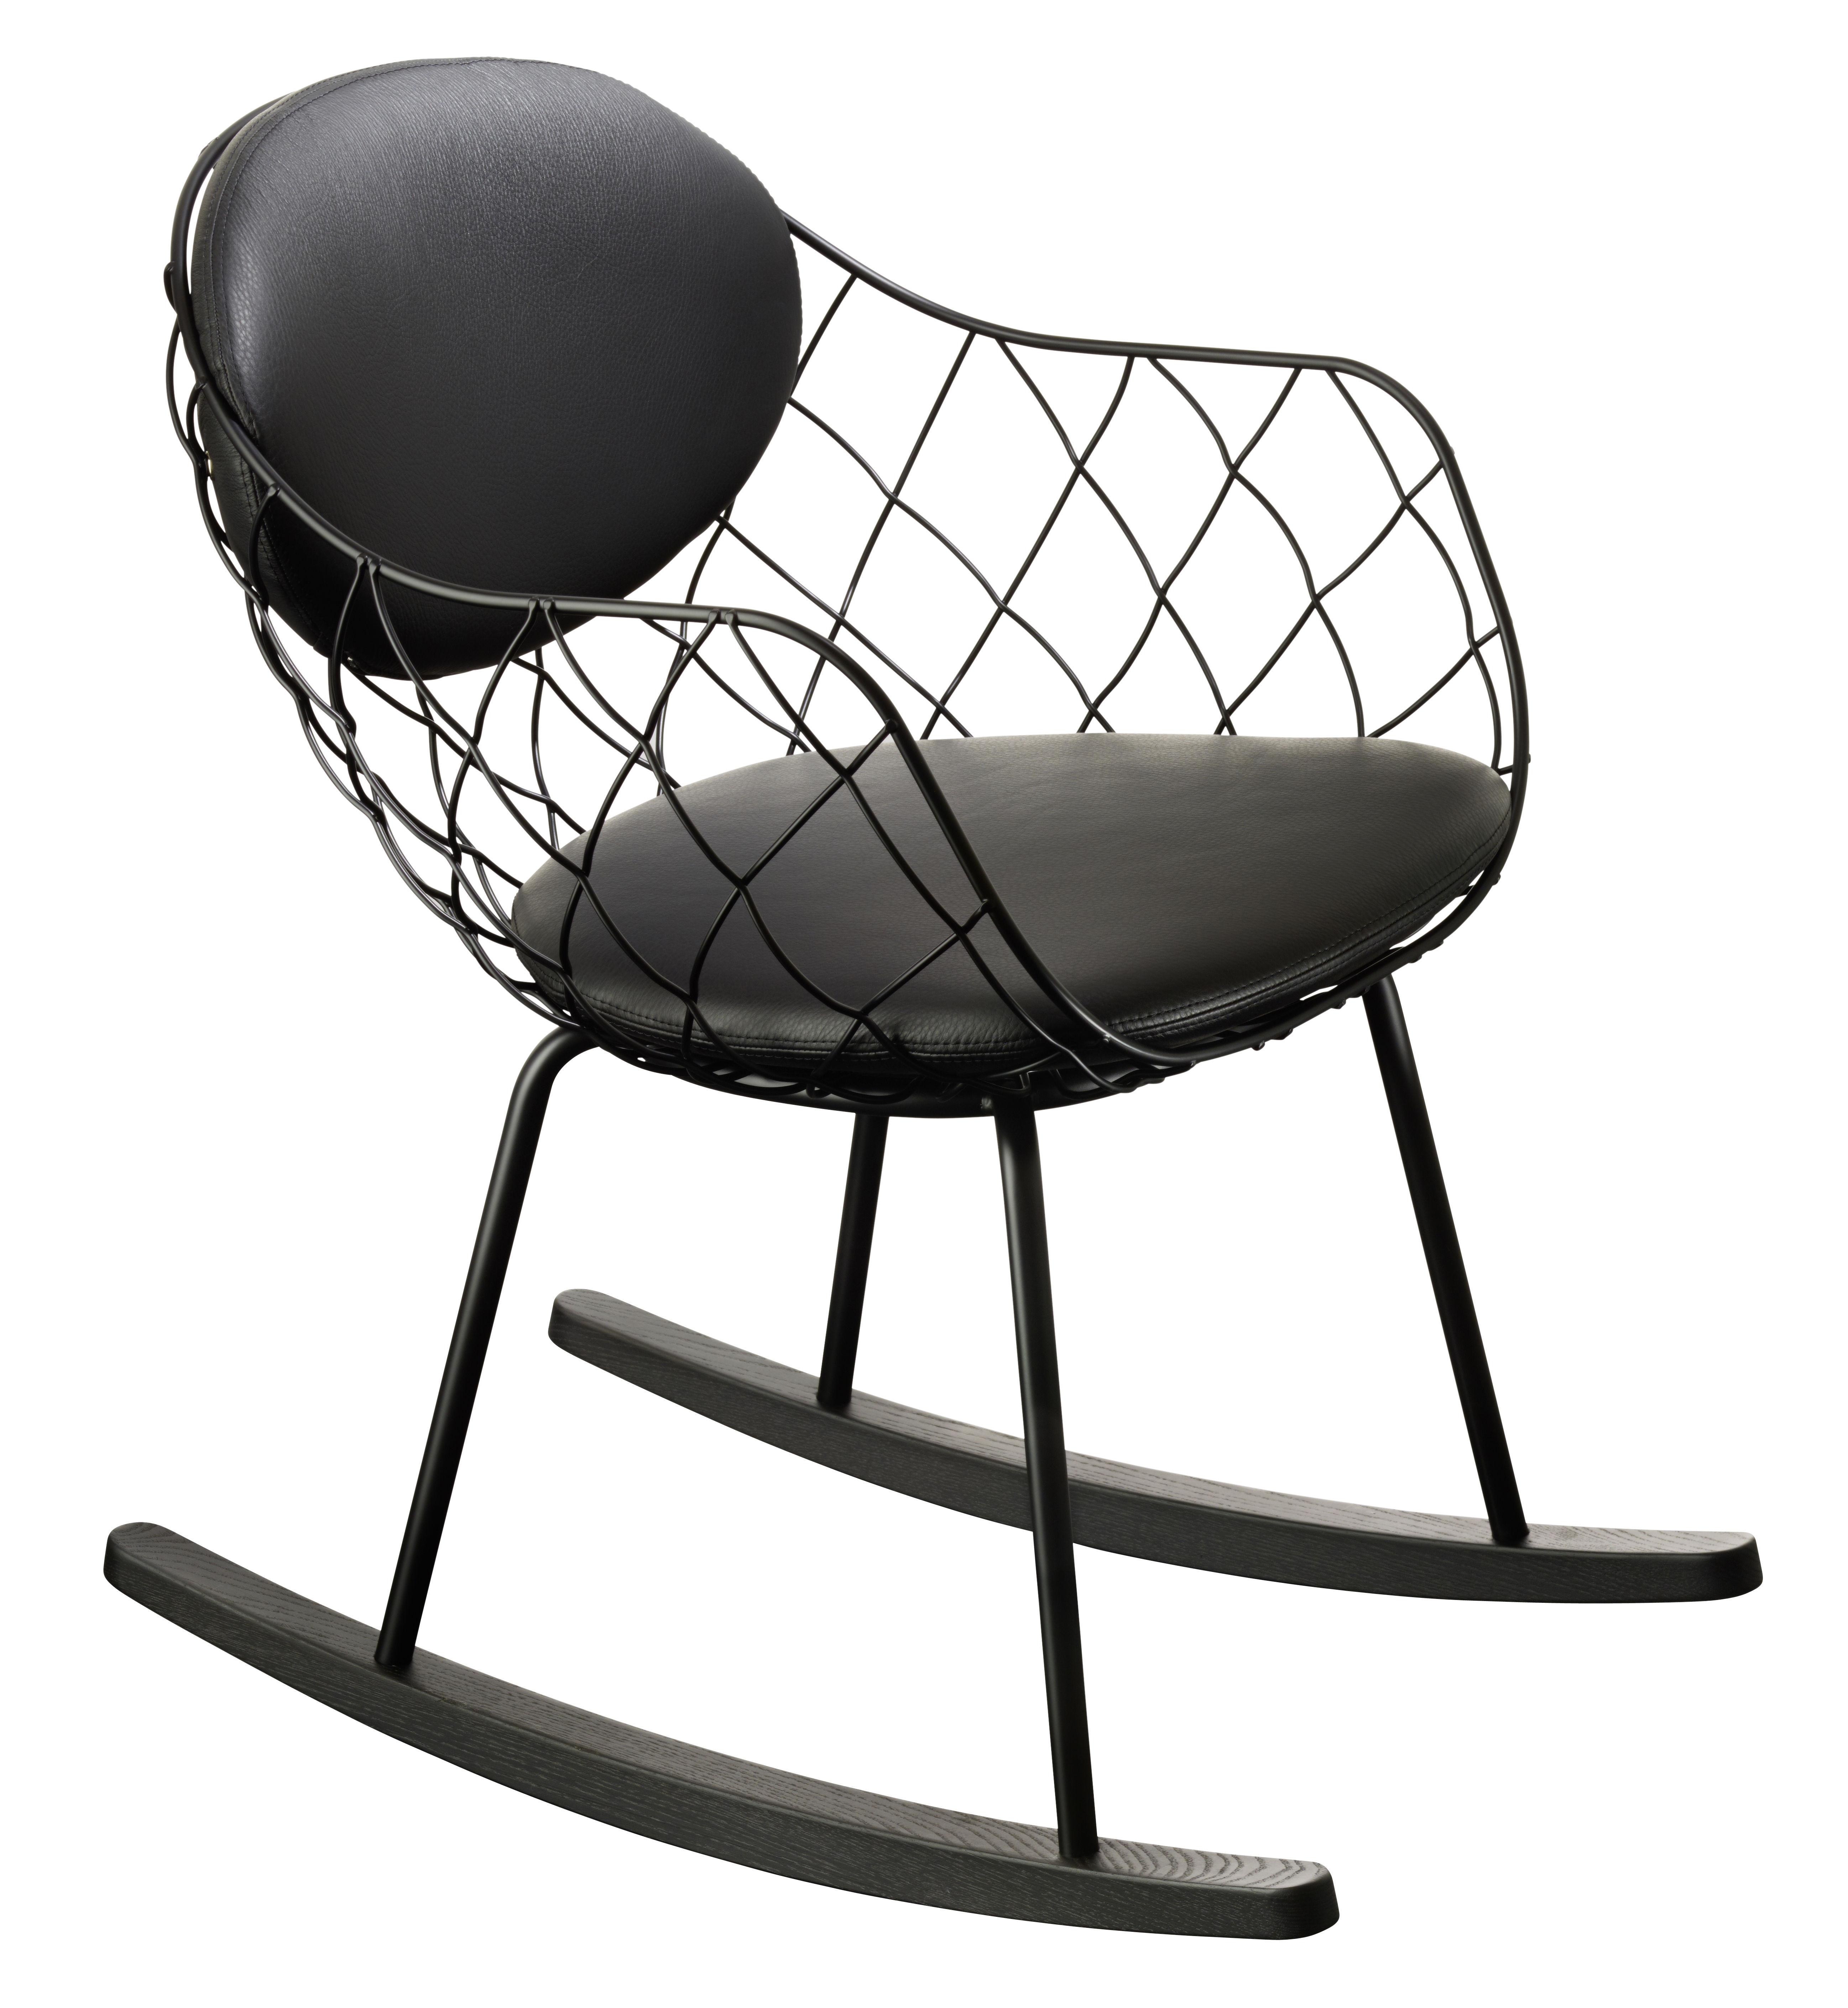 Mobilier - Fauteuils - Rocking chair Pina / Cuir - Métal & pieds bois - Magis - Cuir noir / Structure noire - Acier verni, Cuir, Hêtre teinté